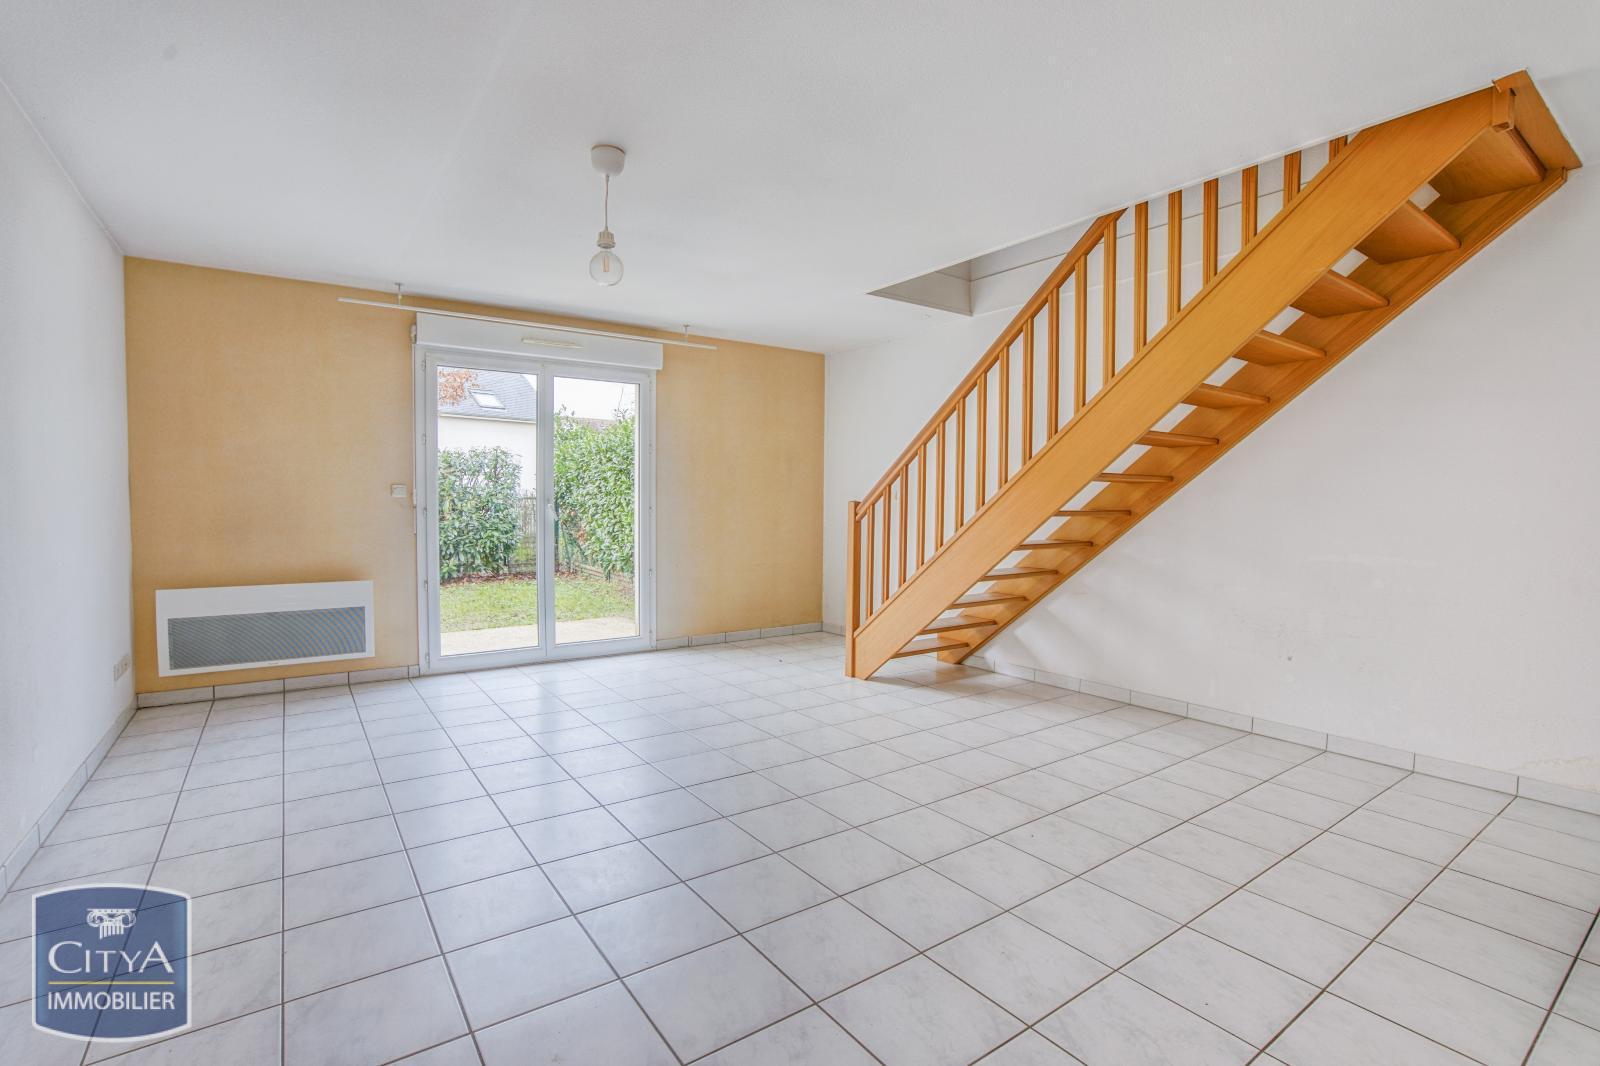 Maison/villa 3 pièces 72 m²